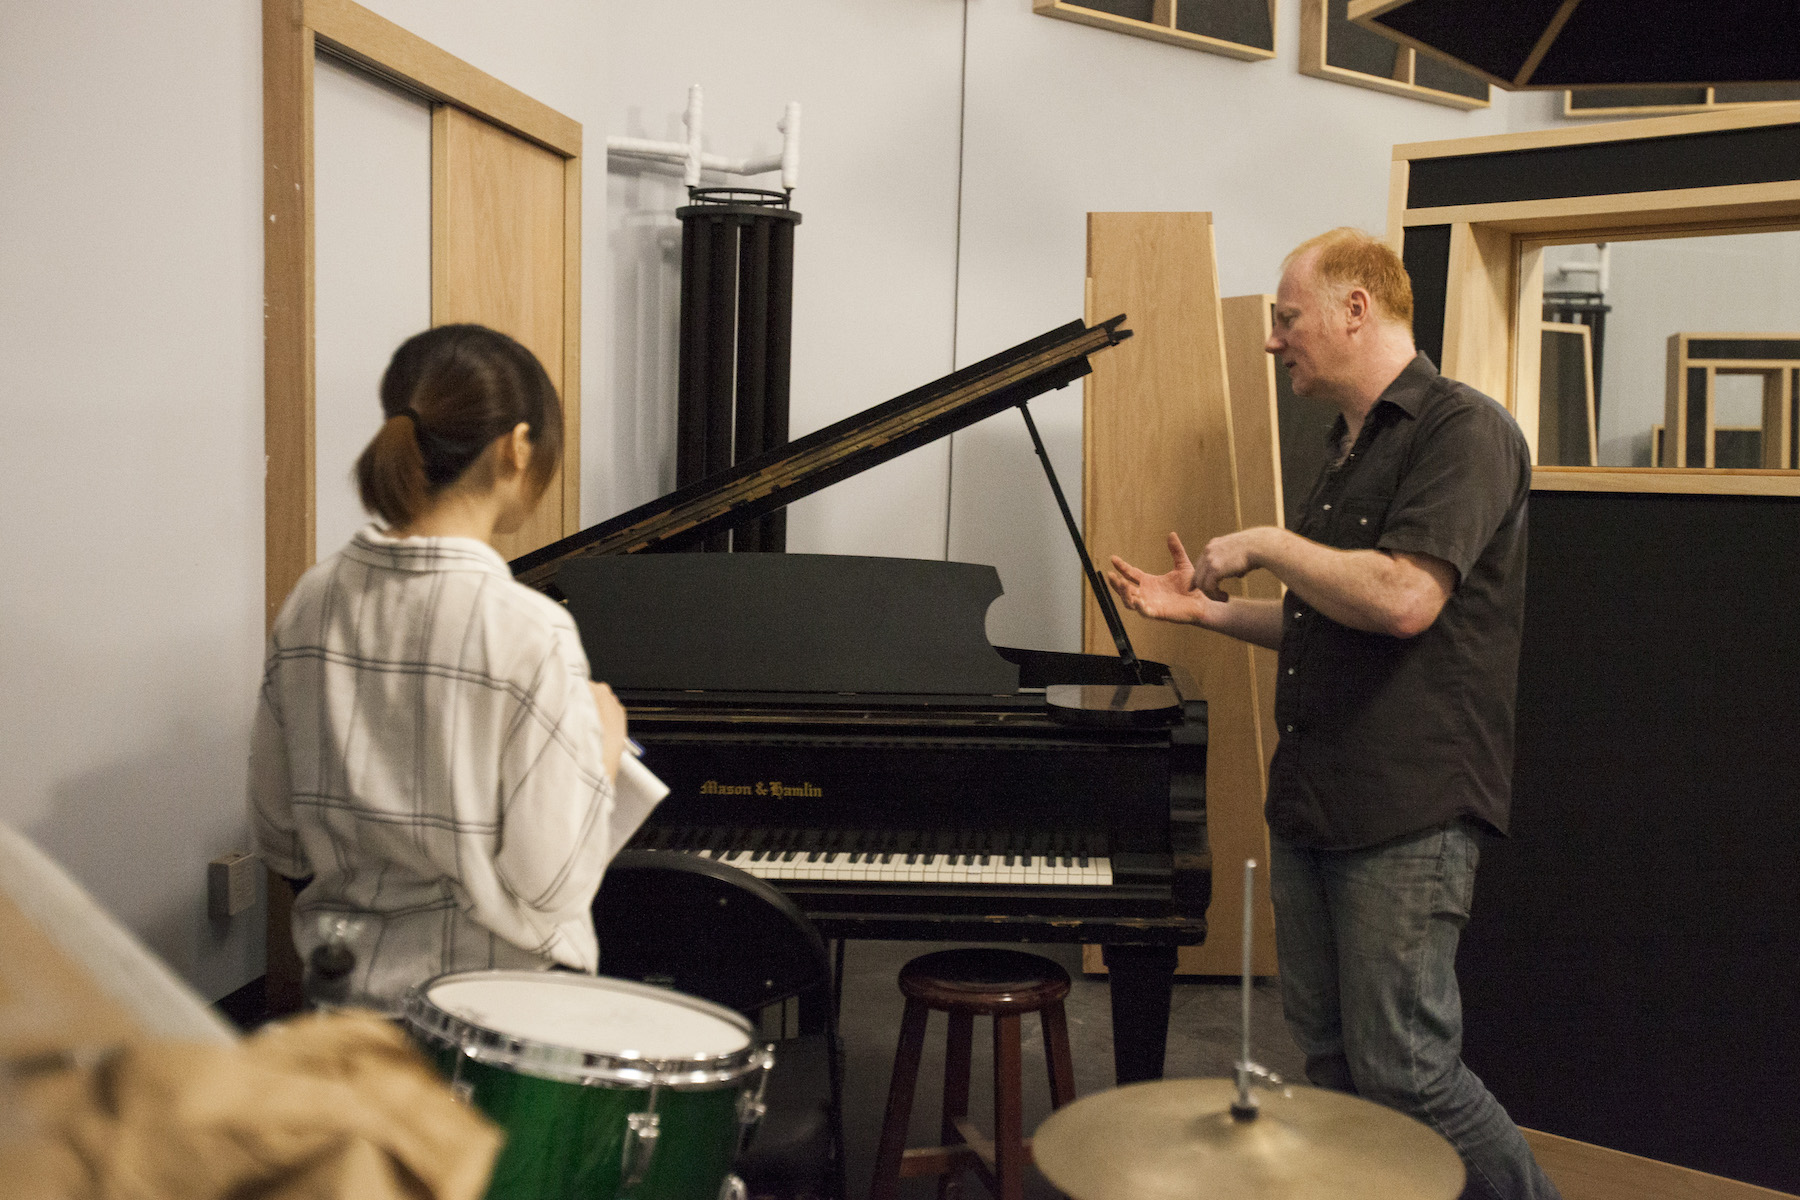 鋼琴也是Andy從美國帶來的,1965年的Mason & Hamlin,雖然在台灣很少見,但據說在美國算是相當普及的品牌。